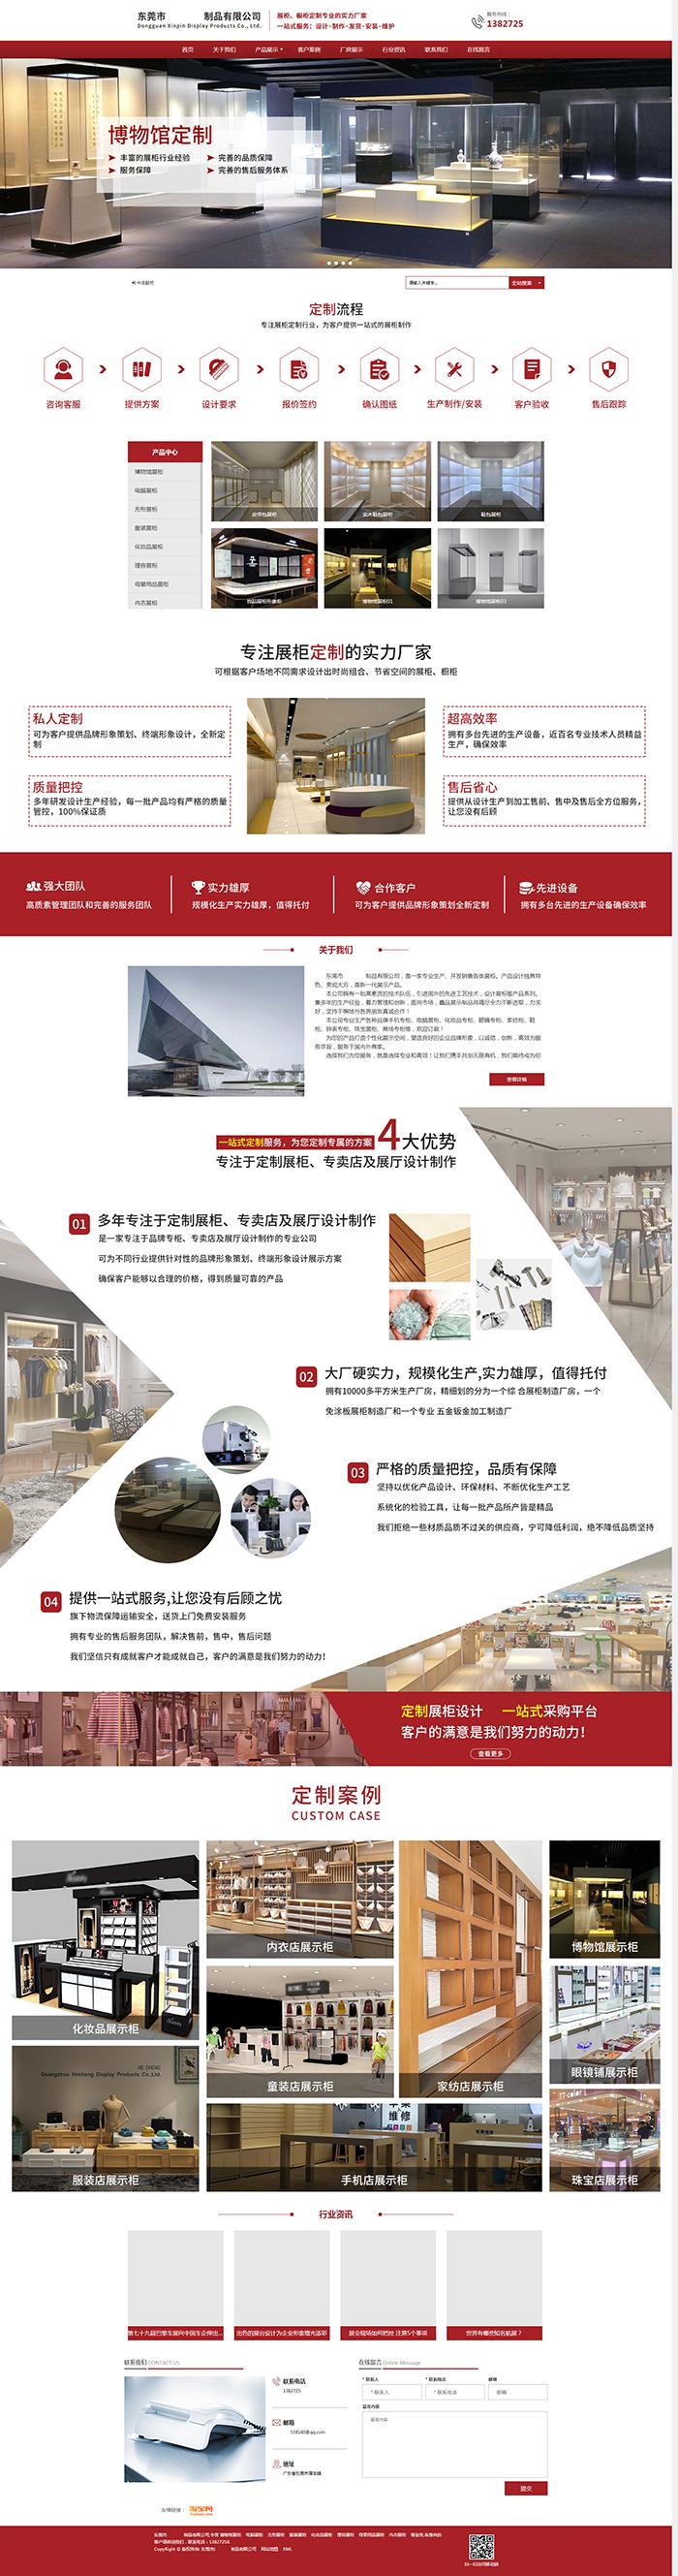 玻璃展柜行业建站案例